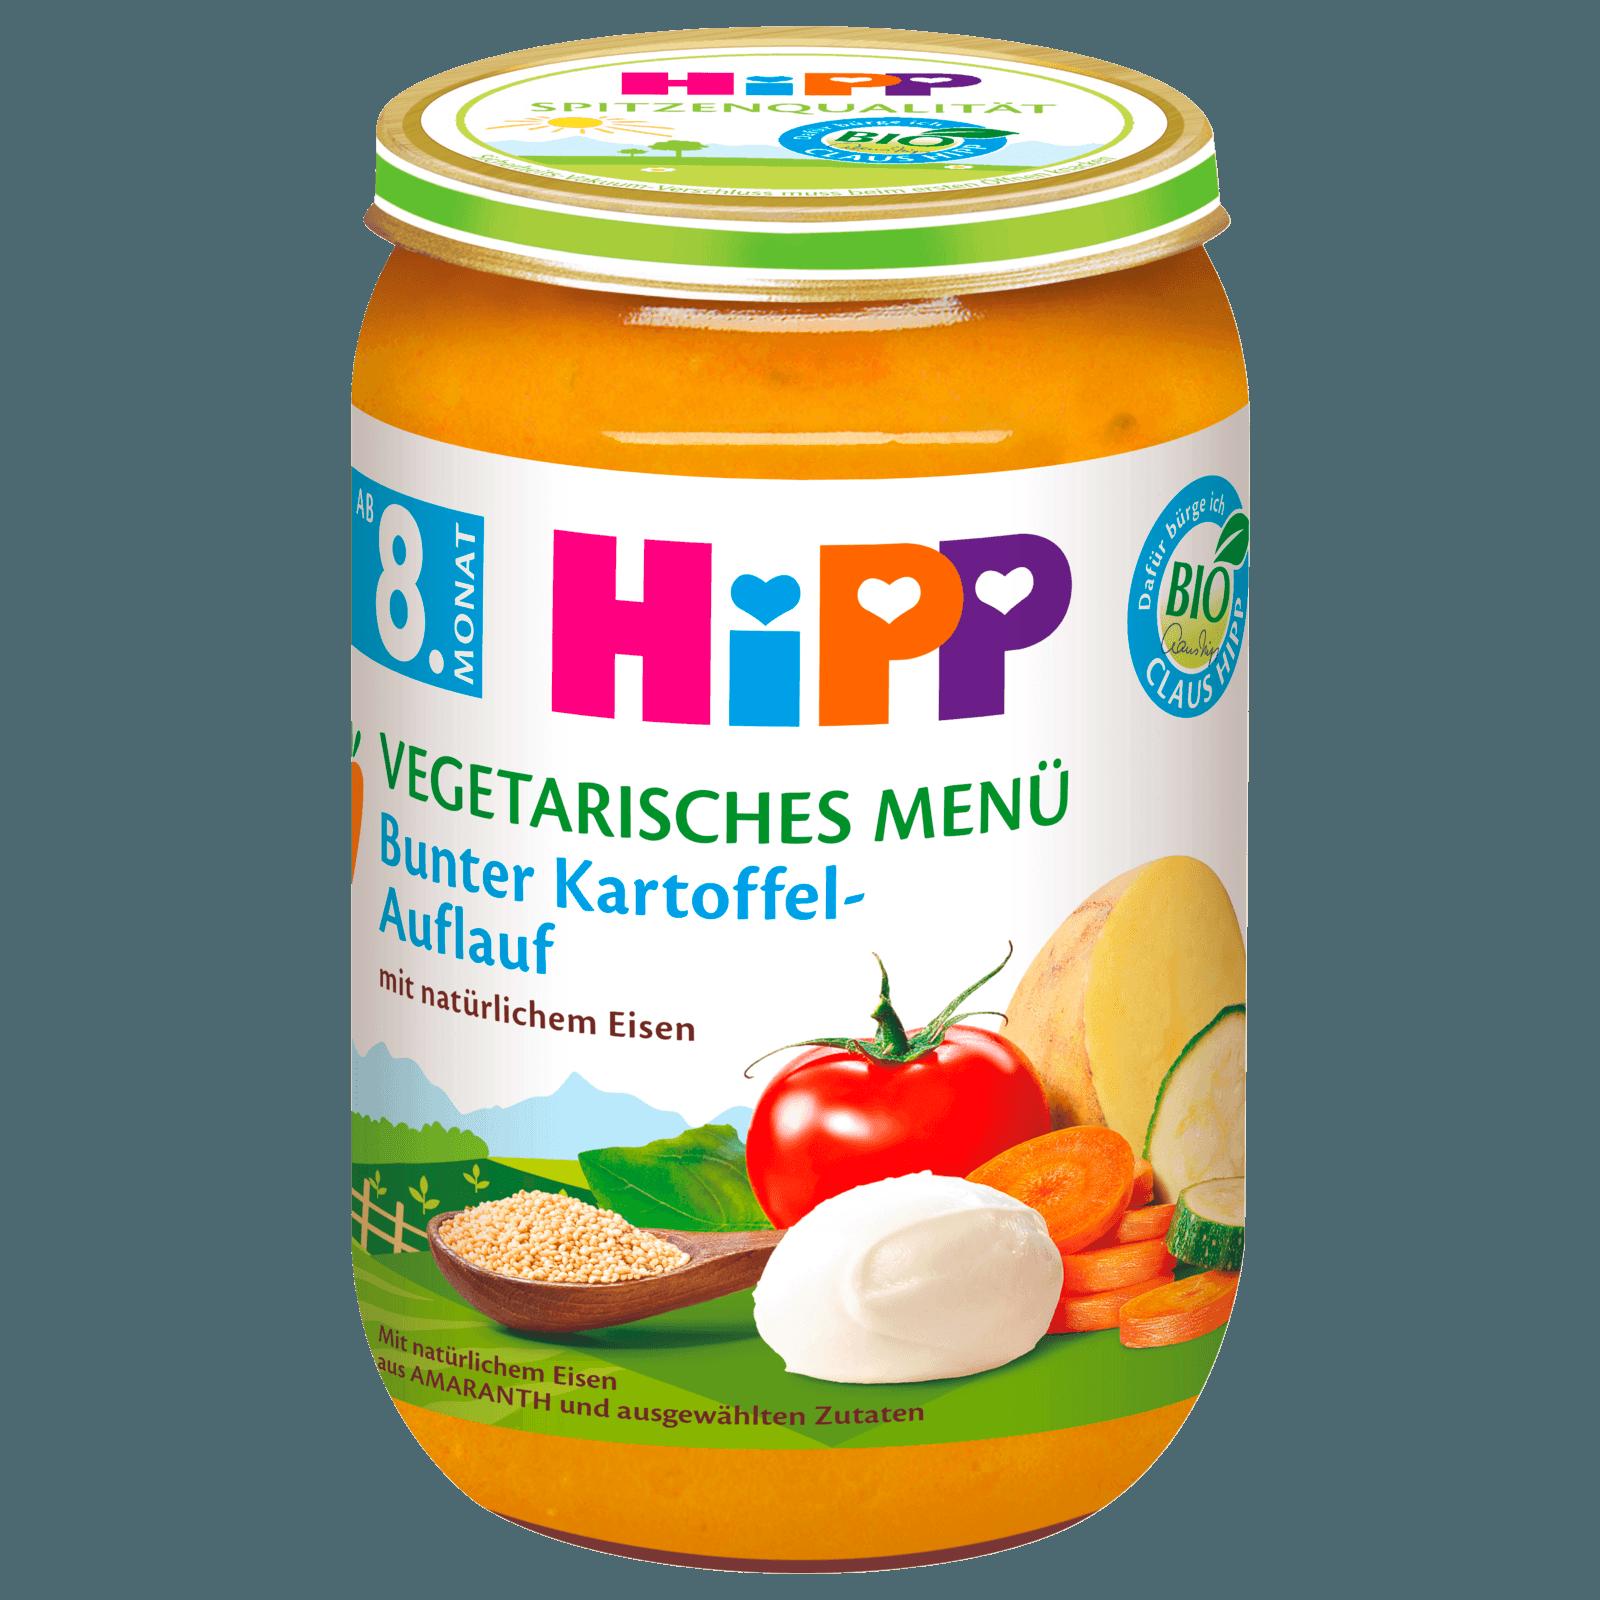 Hipp Bunter Kartoffel-Auflauf 220g